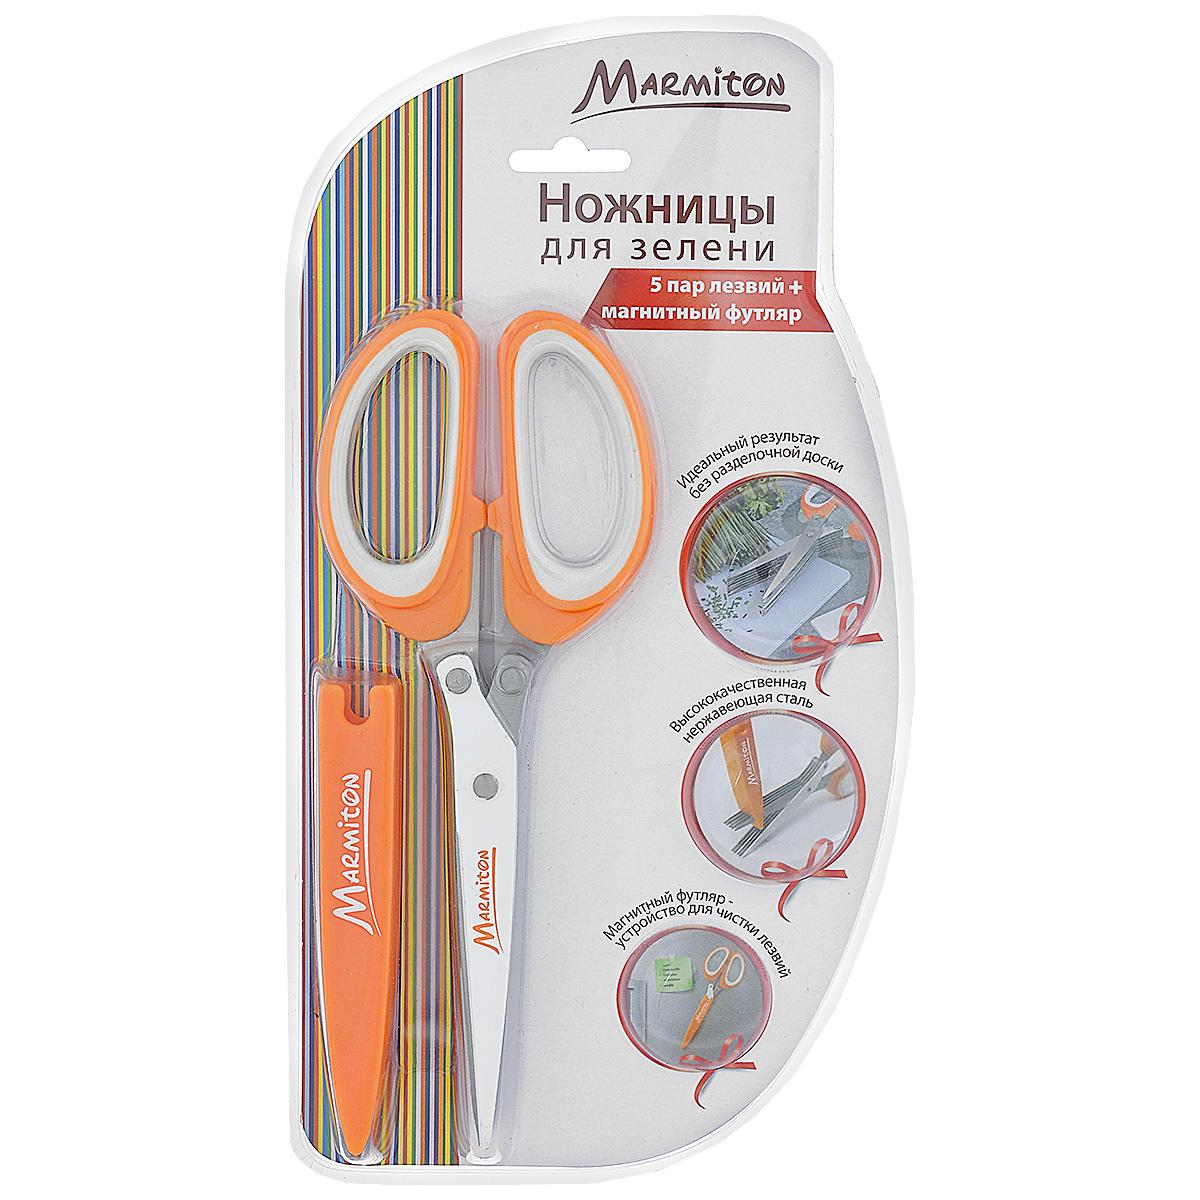 Ножницы для зелени Marmiton, 5 пар лезвий, с чехлом, цвет: оранжевый16141_оранжевыйНожницы для зелени Marmiton изготовлены их высококачественной нержавеющей стали. Рукоятки отделаны пластиком для комфортного хвата. Ножницы имеют 5 пар лезвий, что позволяет быстро нарезать любую зелень. Идеальный результат без разделочной доски. В комплекте имеется магнитный чехол со специальным устройством для чистки лезвий. При помощи ножниц Marmiton можно быстро нарезать зелень для салатов, мясных блюд, гарниров и прочих кулинарных произведений. Такой функциональный аксессуар понравится любой хозяйке. Допускается мыть в посудомоечной машине. Длина лезвий: 11 см. Количество лезвий: 10. Общая длина ножниц: 19 см. Размер чехла: 10,5 х 2 х 2 см.